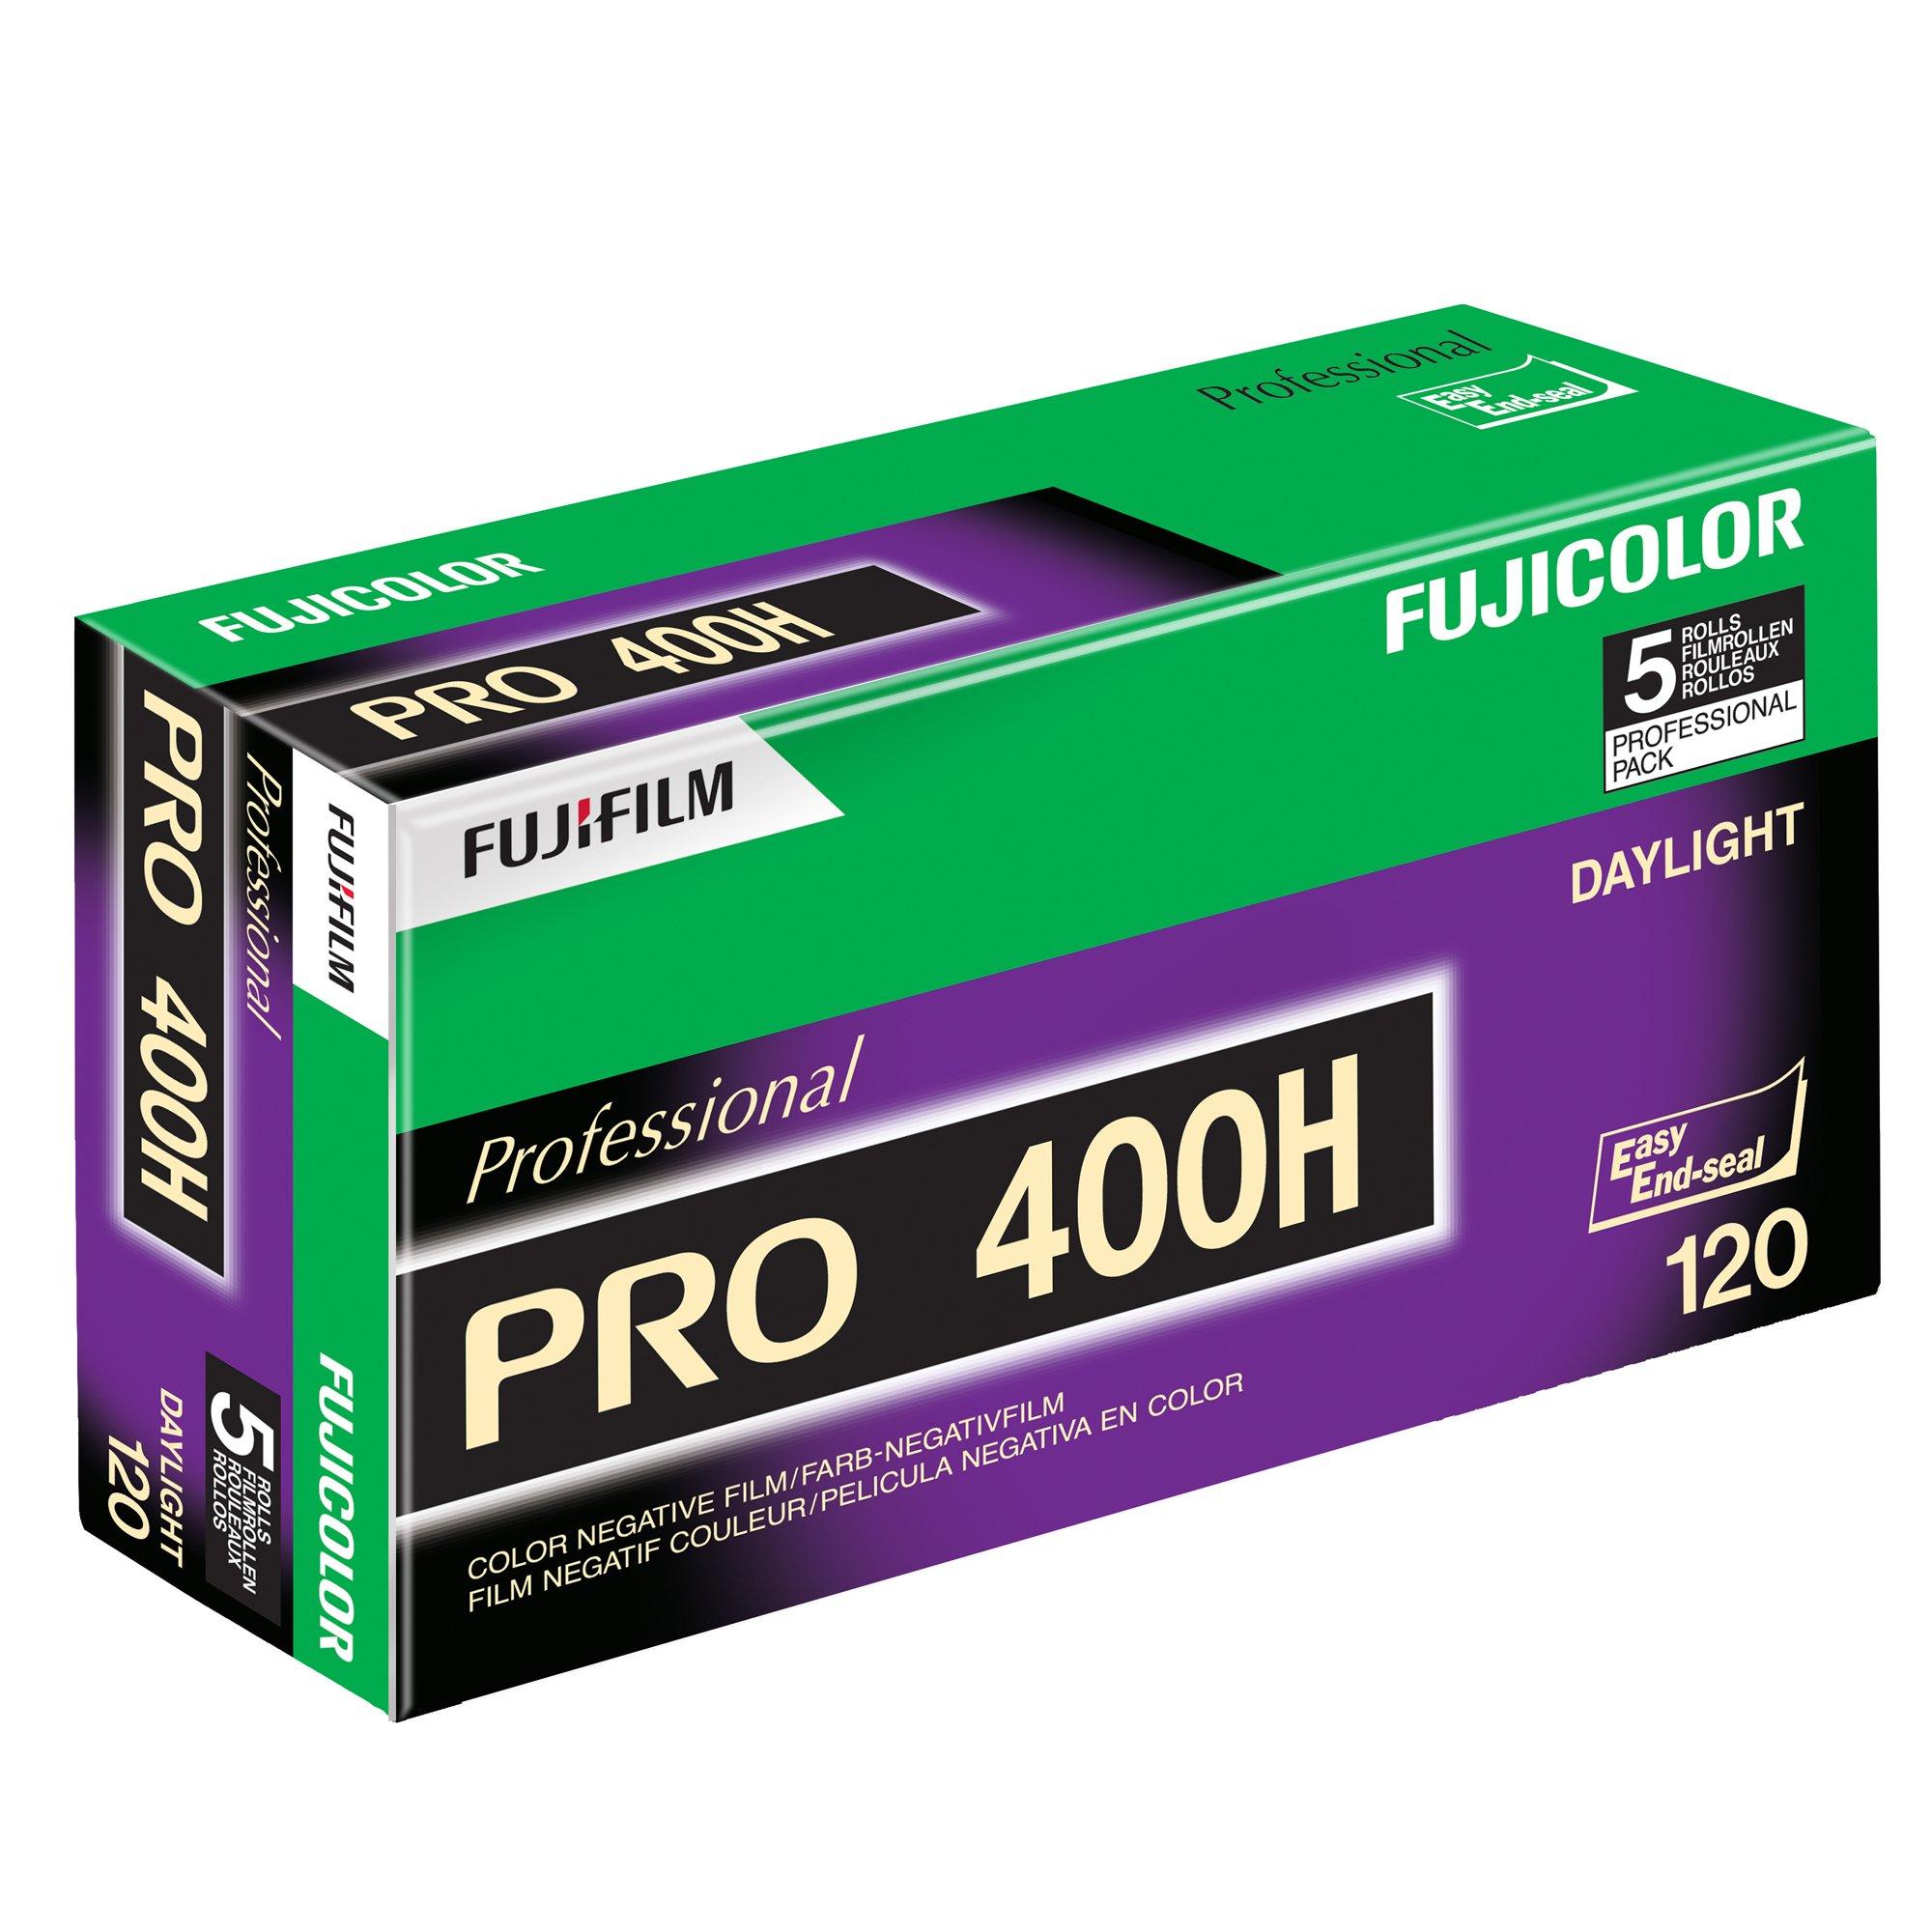 Fujifilm 16326119 Fujicolor Pro 120, 400H Color Negative Film ISO 400 - 5 Roll Pro Pack (Green/White/Purple) by Fujifilm